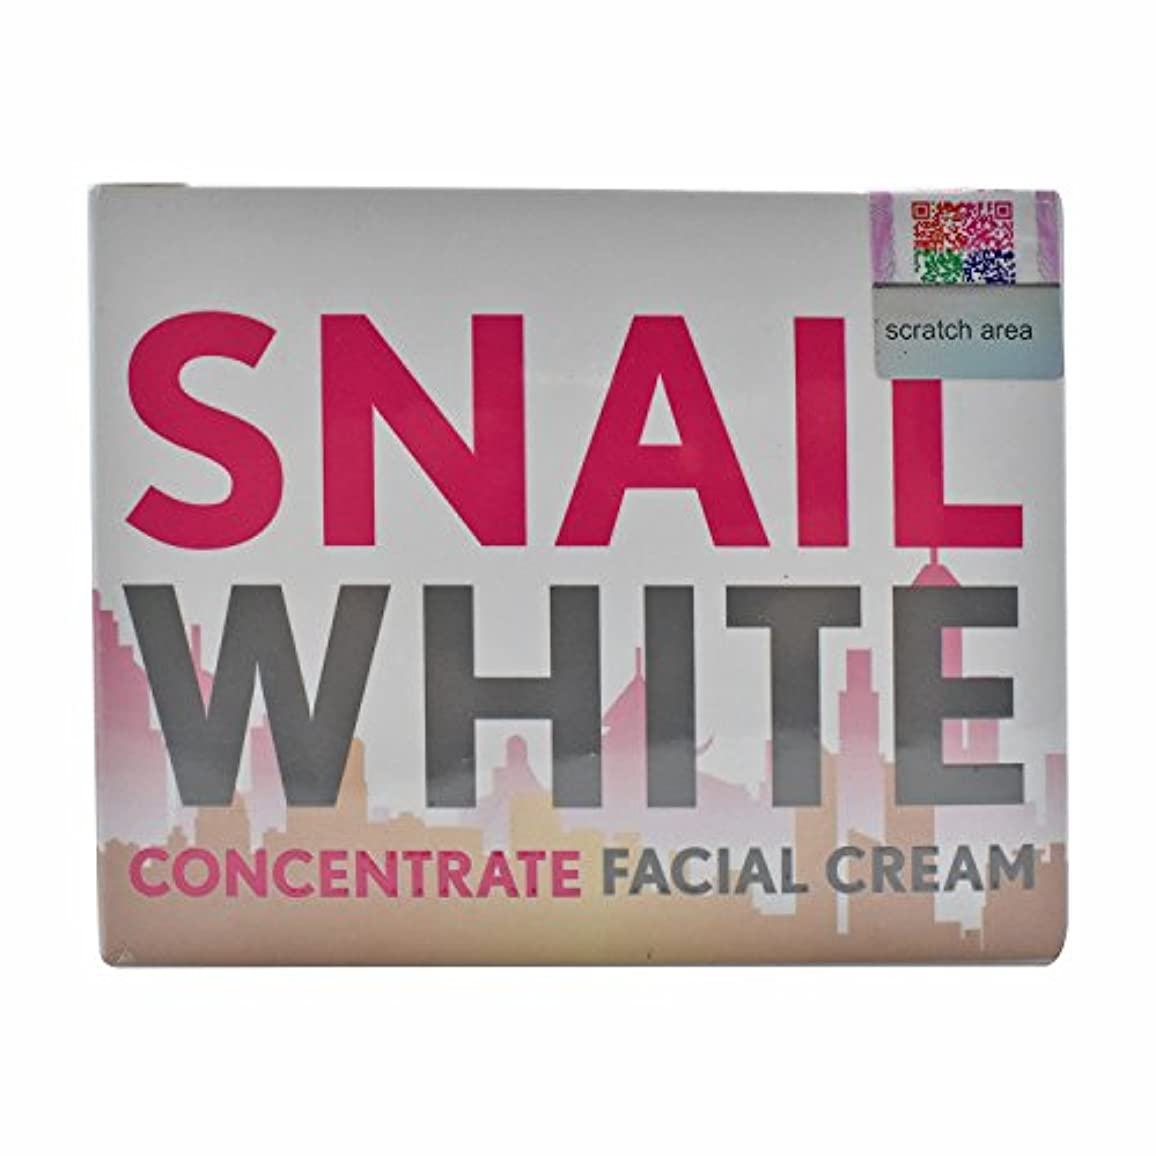 インタネットを見るきらめき視線フェイシャルクリーム50 ml。 ホワイトニング NAMU LIFE SNAILWHITE CONCENTRATE FACIAL CREAM 50 ml.